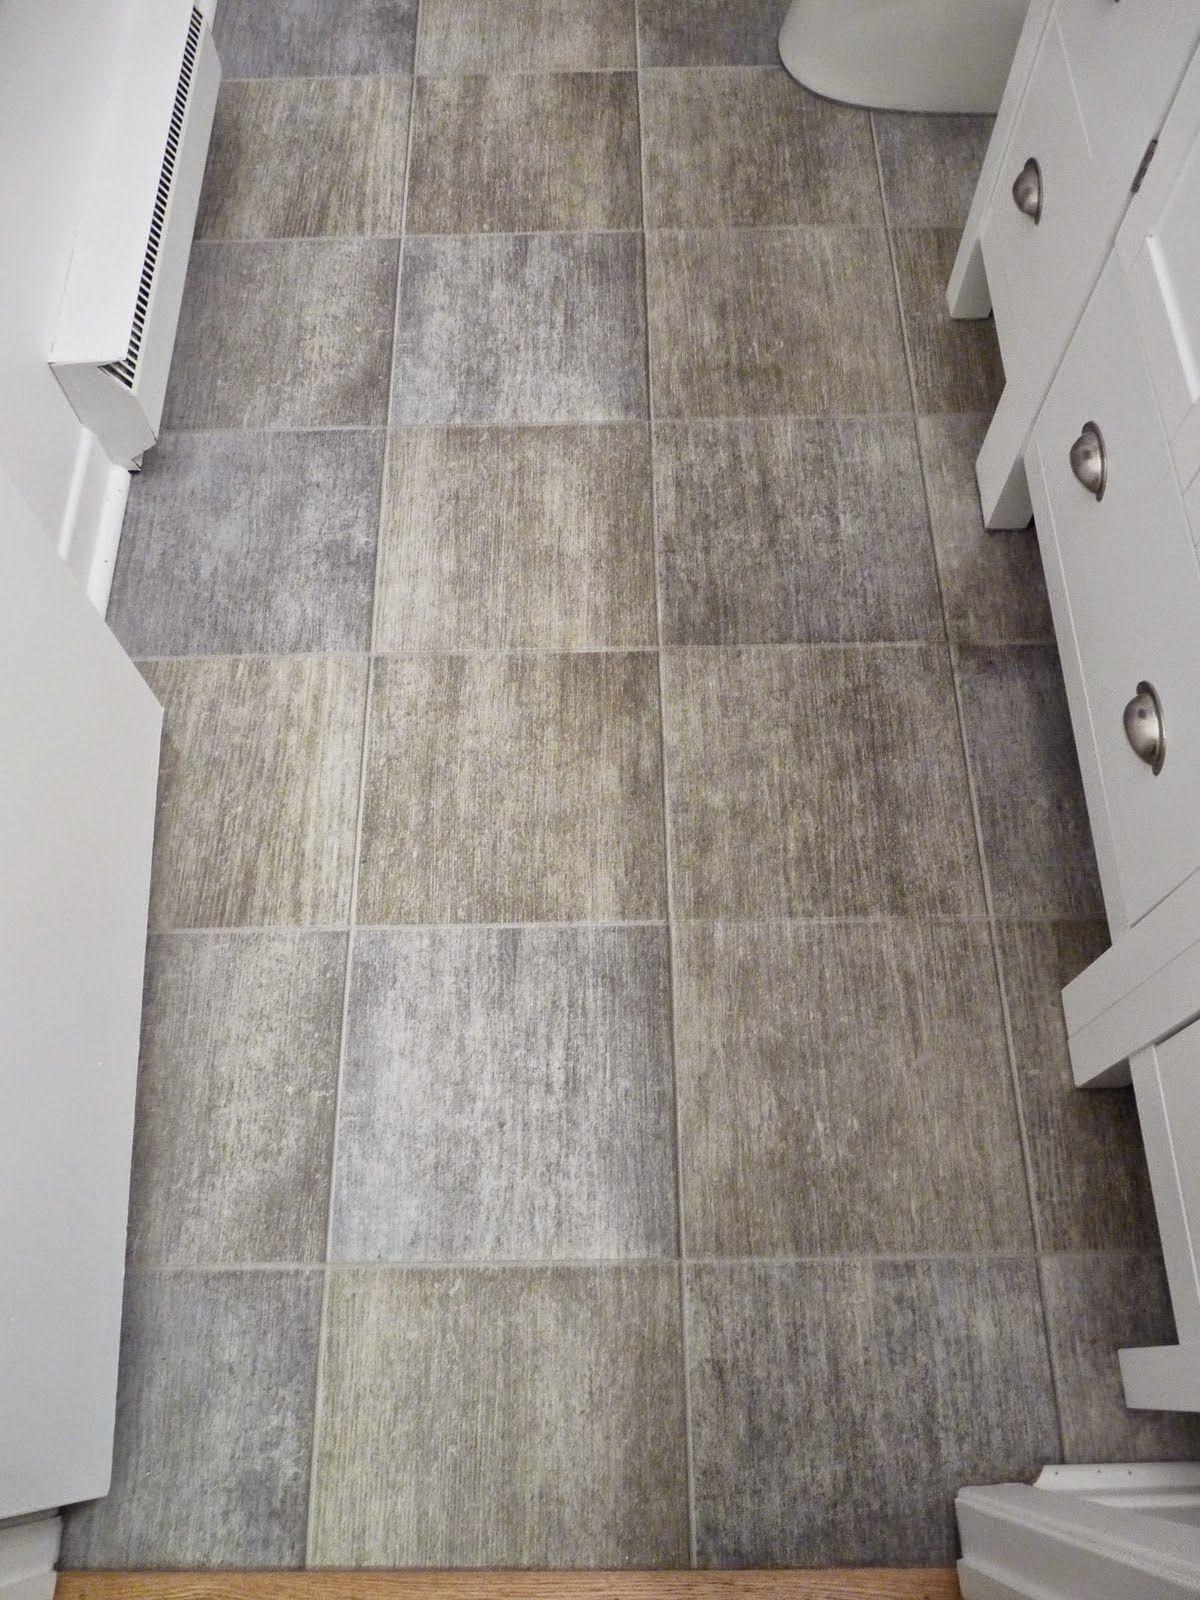 gray vinyl sheet flooring for bathroom flooring ideas floor island home pinterest vinyl sheet flooring vinyl sheets and flooring ideas